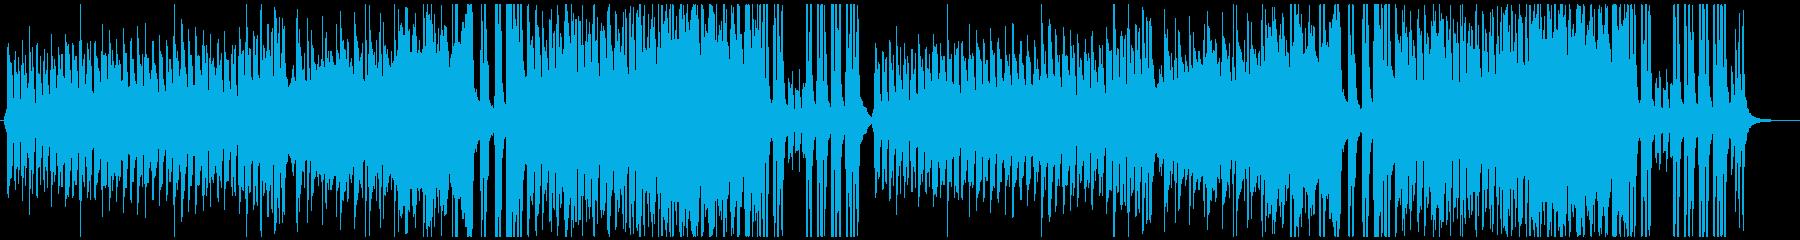 ハロウィーン4つ打ちダンス風オーケストラの再生済みの波形